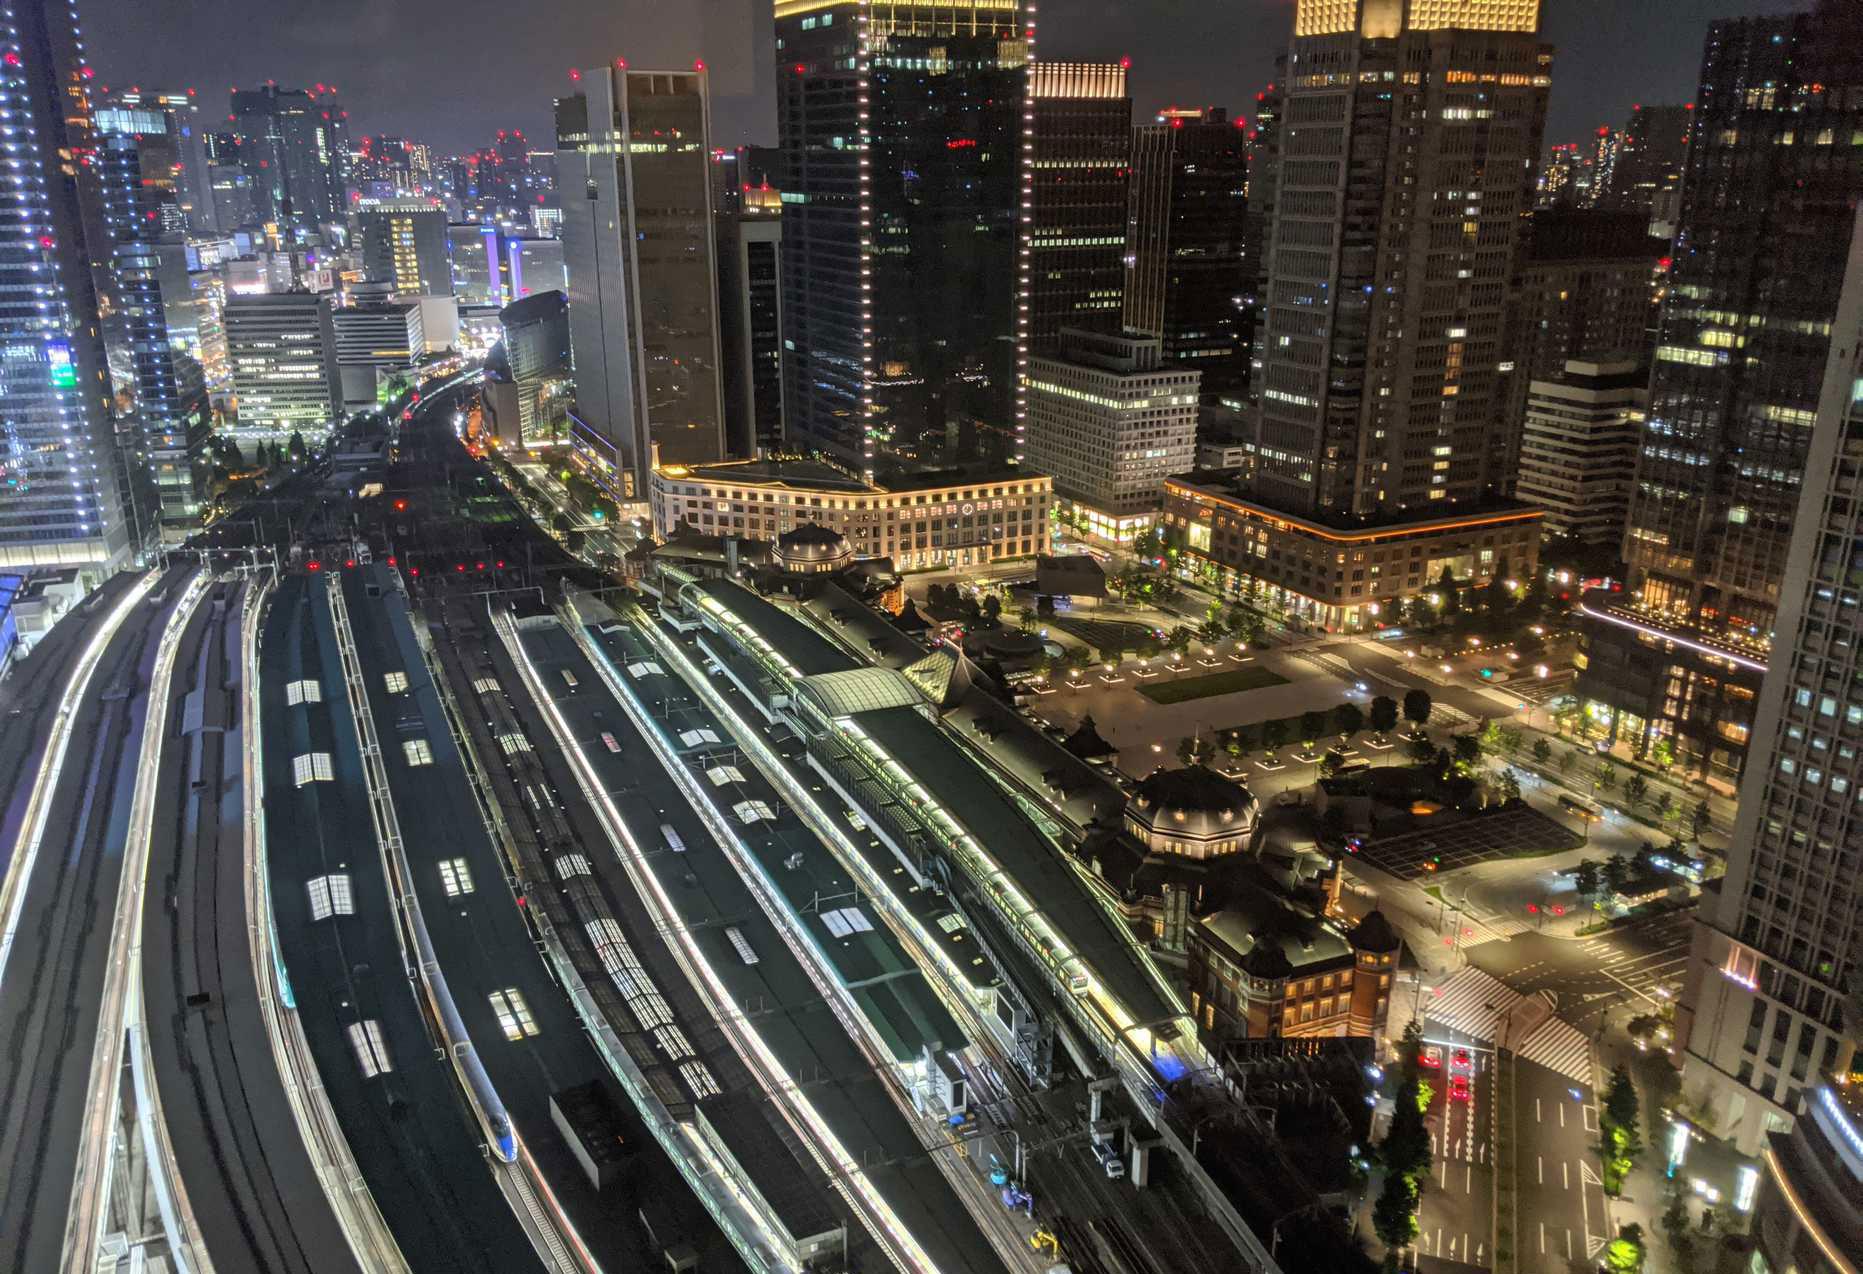 ホテルメトロポリタン丸の内からの夜景